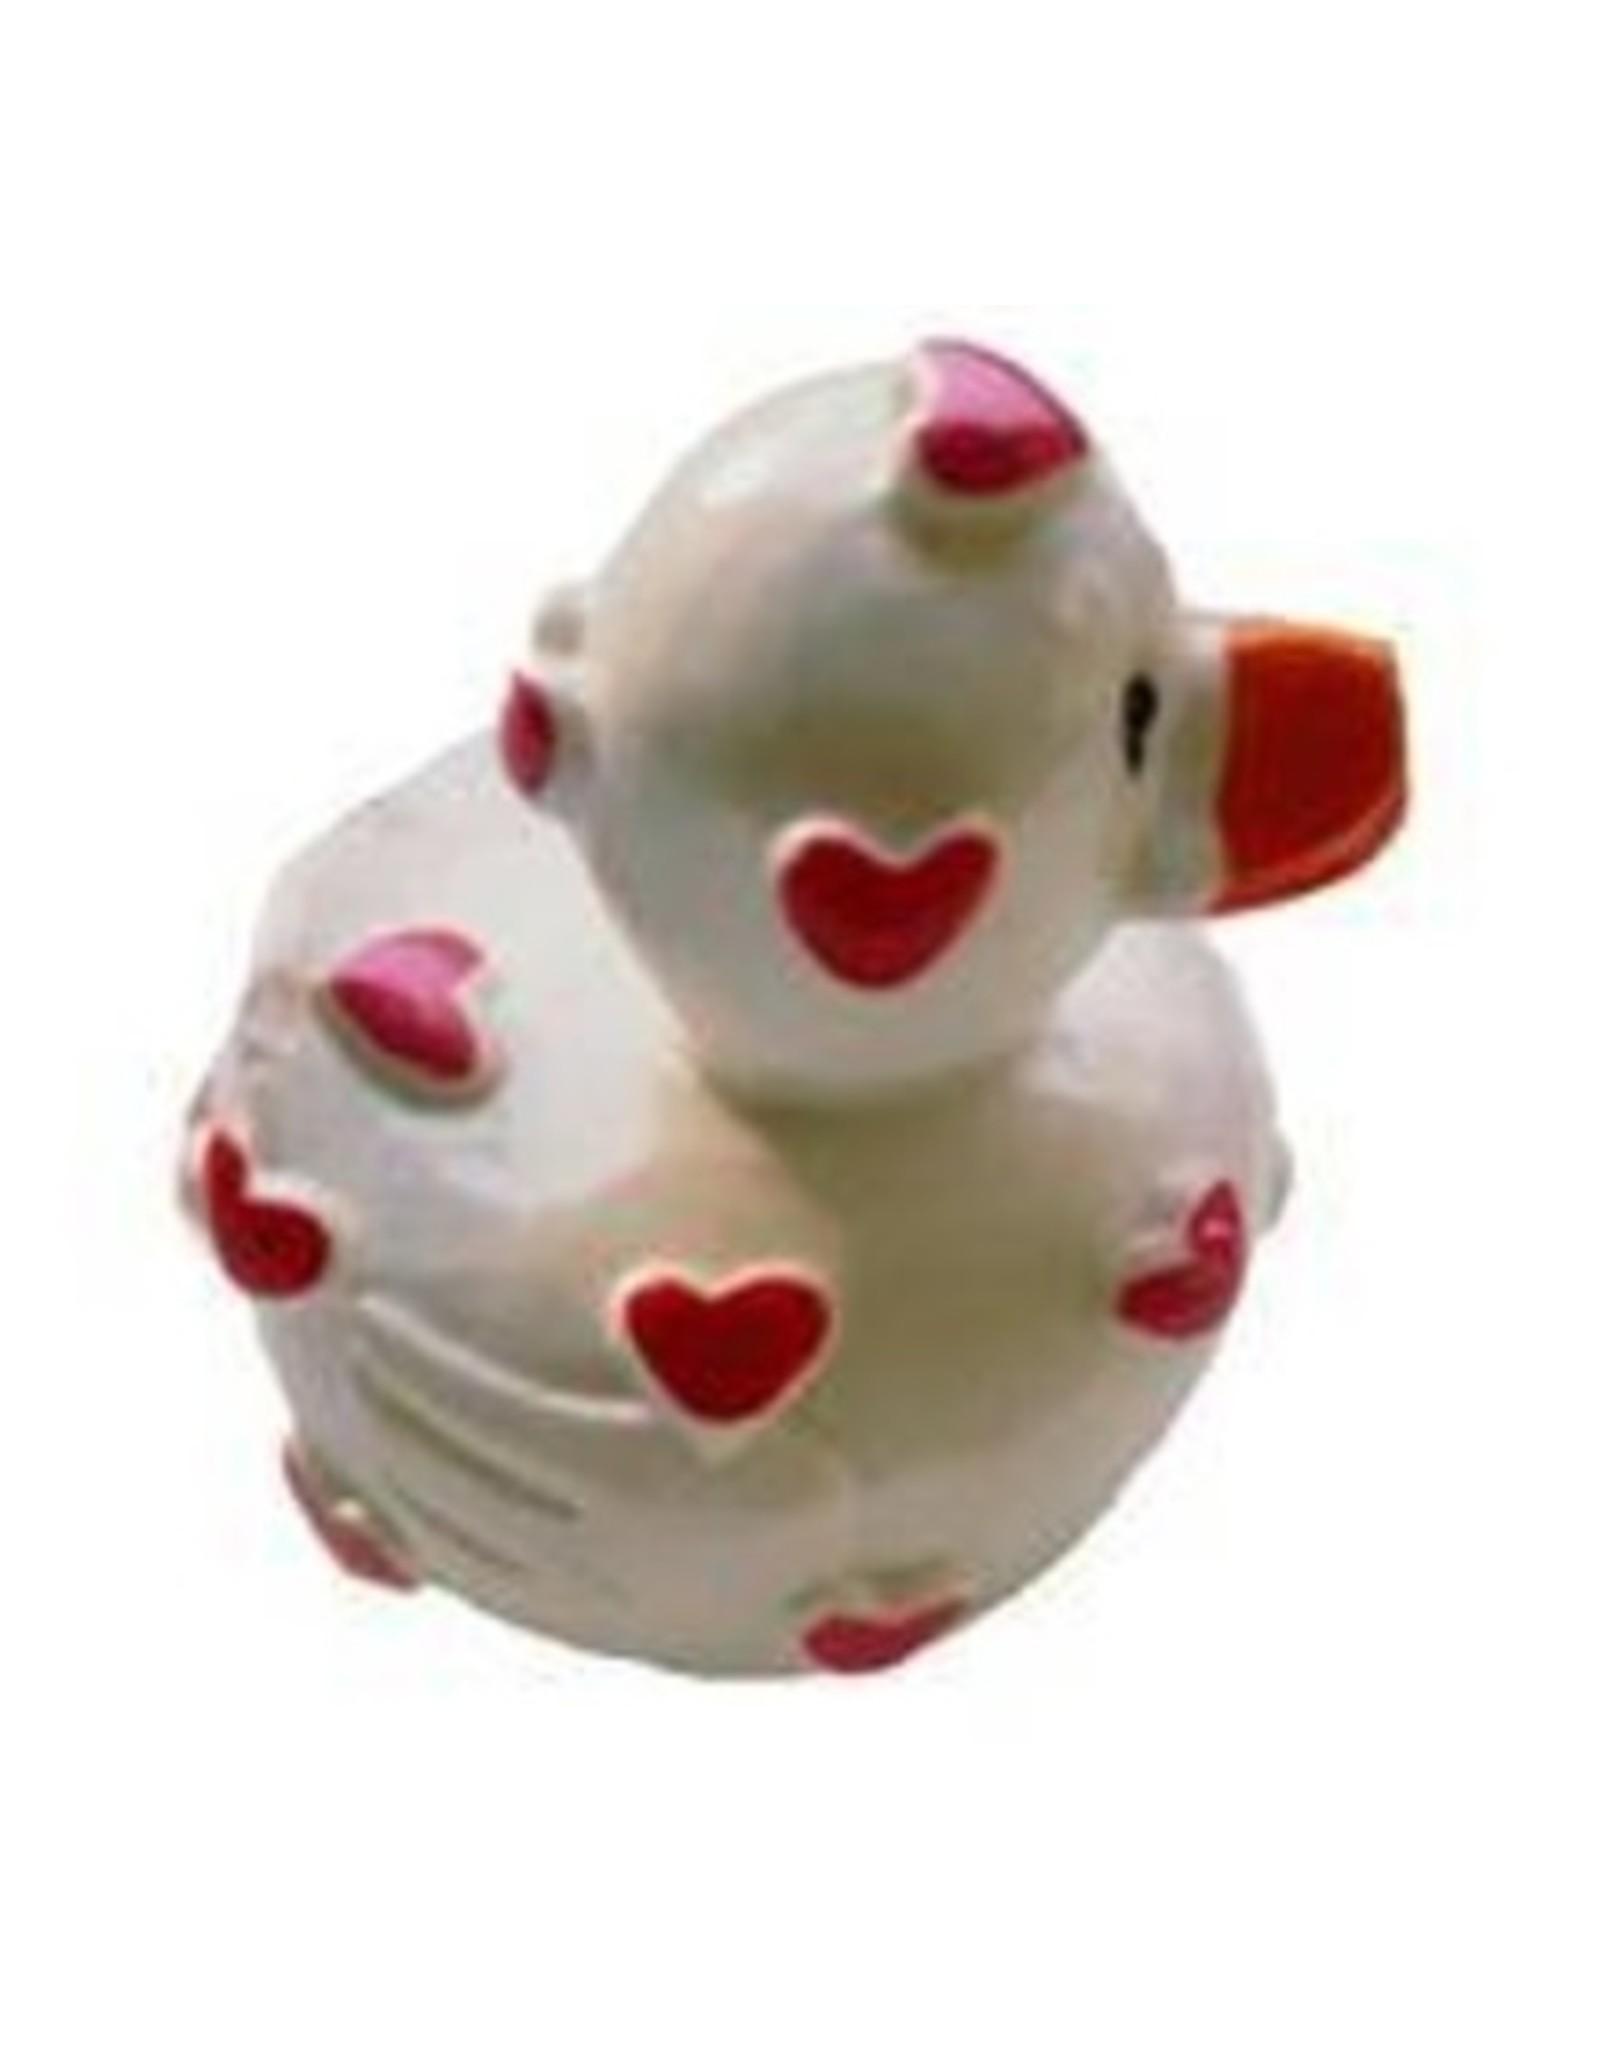 Lipgloss 'Pucker Duck' Wit met Rood/Roze hartjes - Body & Soap